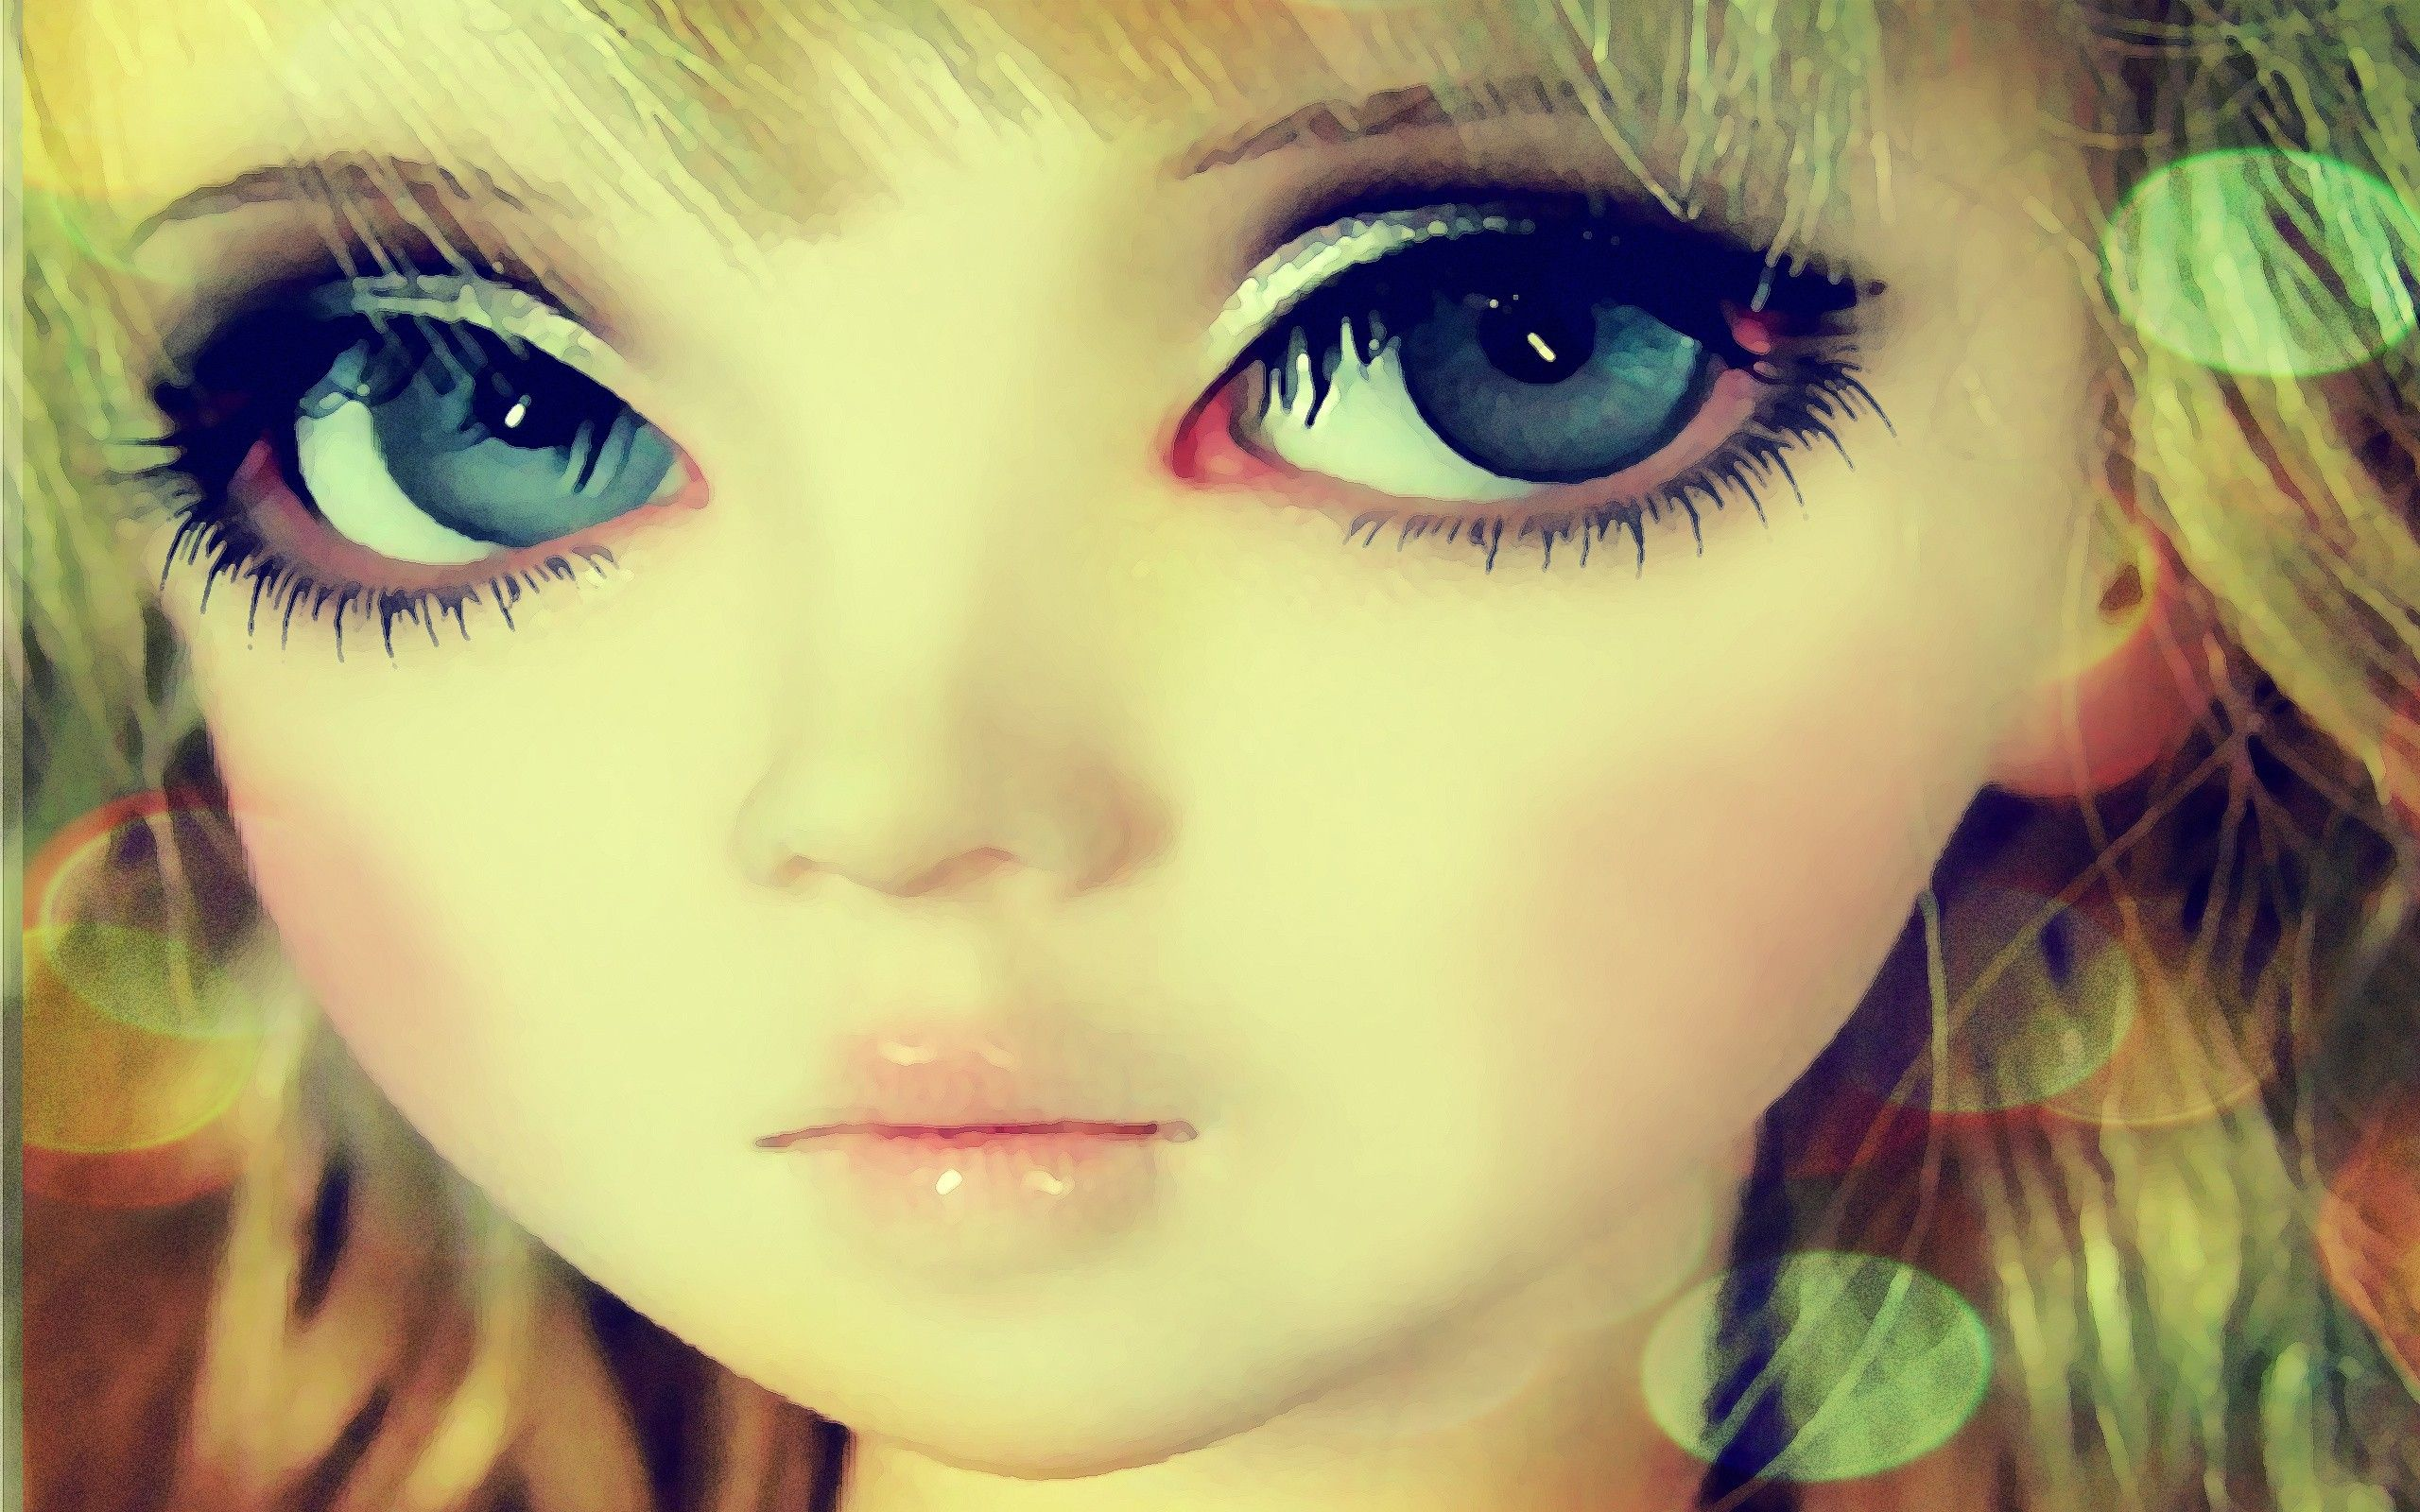 Those Eyes Omg Big Eyes Paintings Big Eyes Doll Big Eyes Art